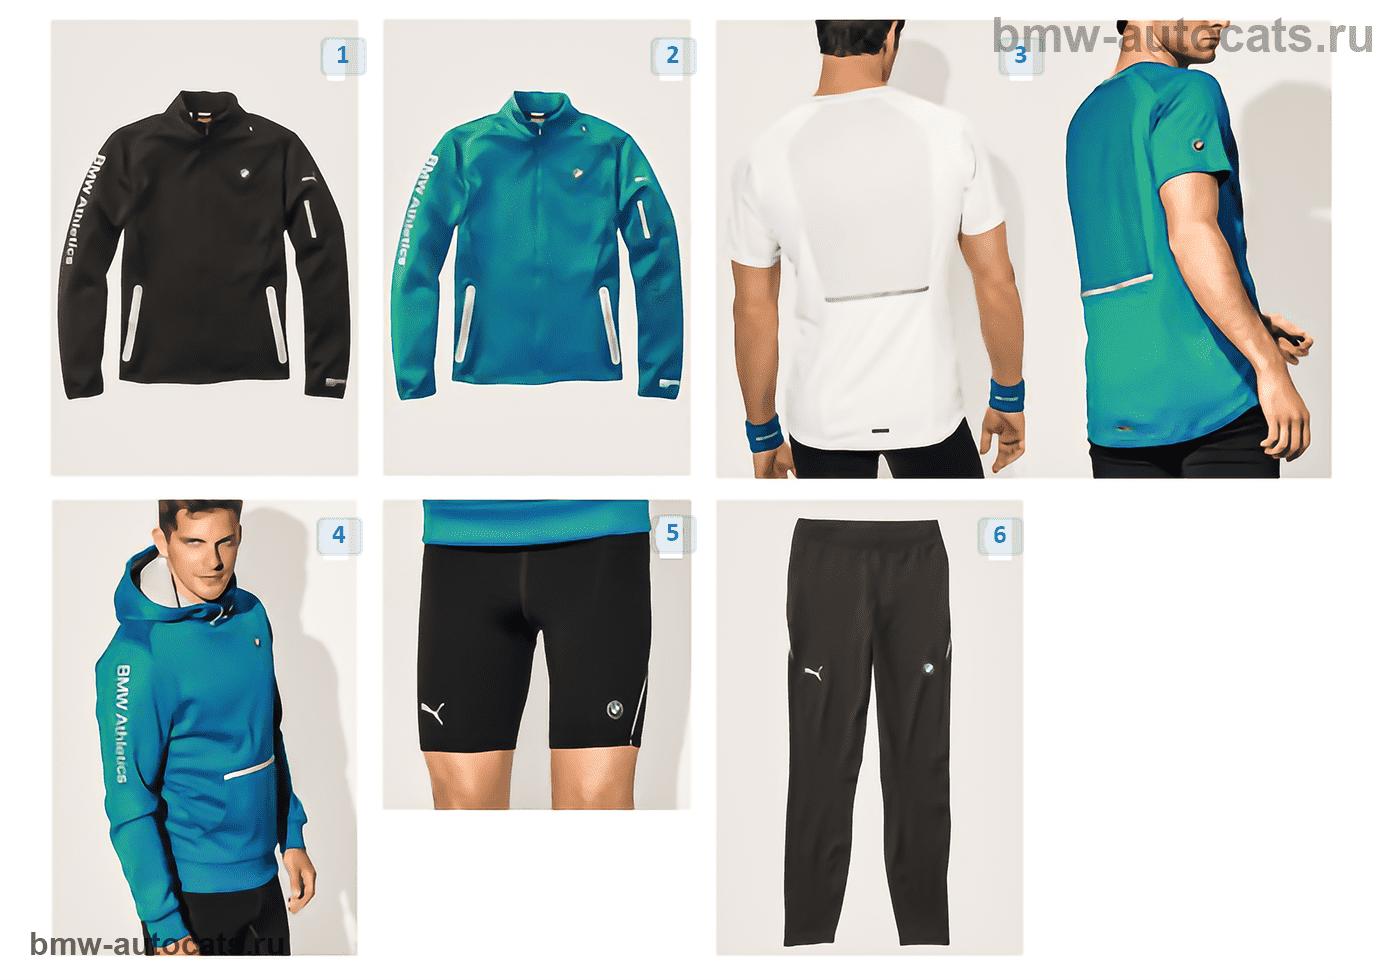 Мужская одежда Athletics 2013/14